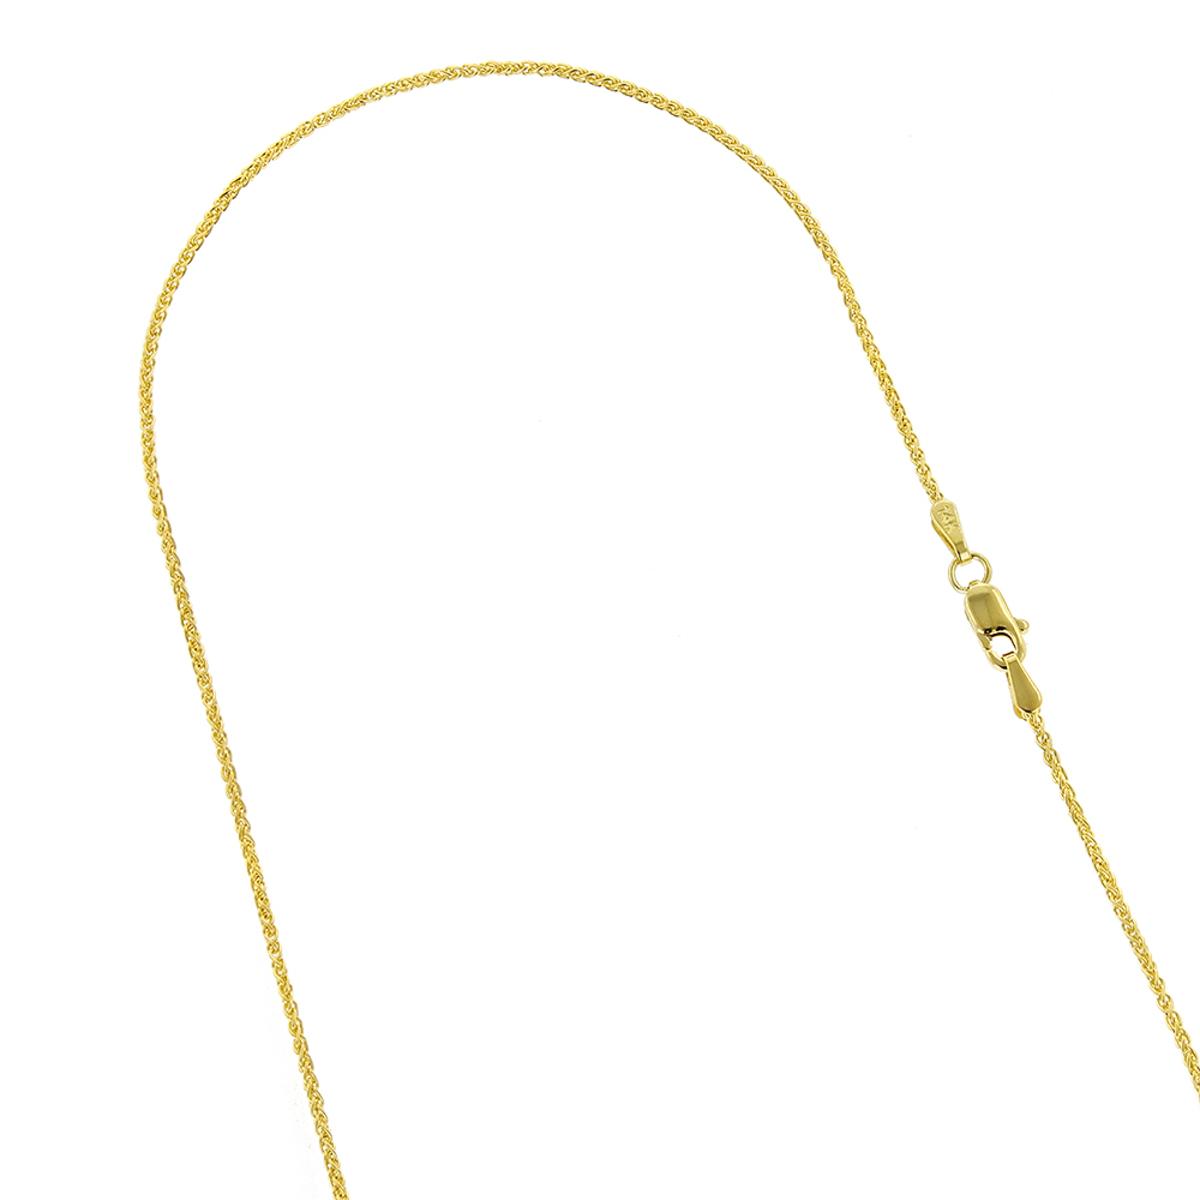 LUXURMAN Solid 14k Gold Wheat Chain For Men & Women 1.5mm Wide